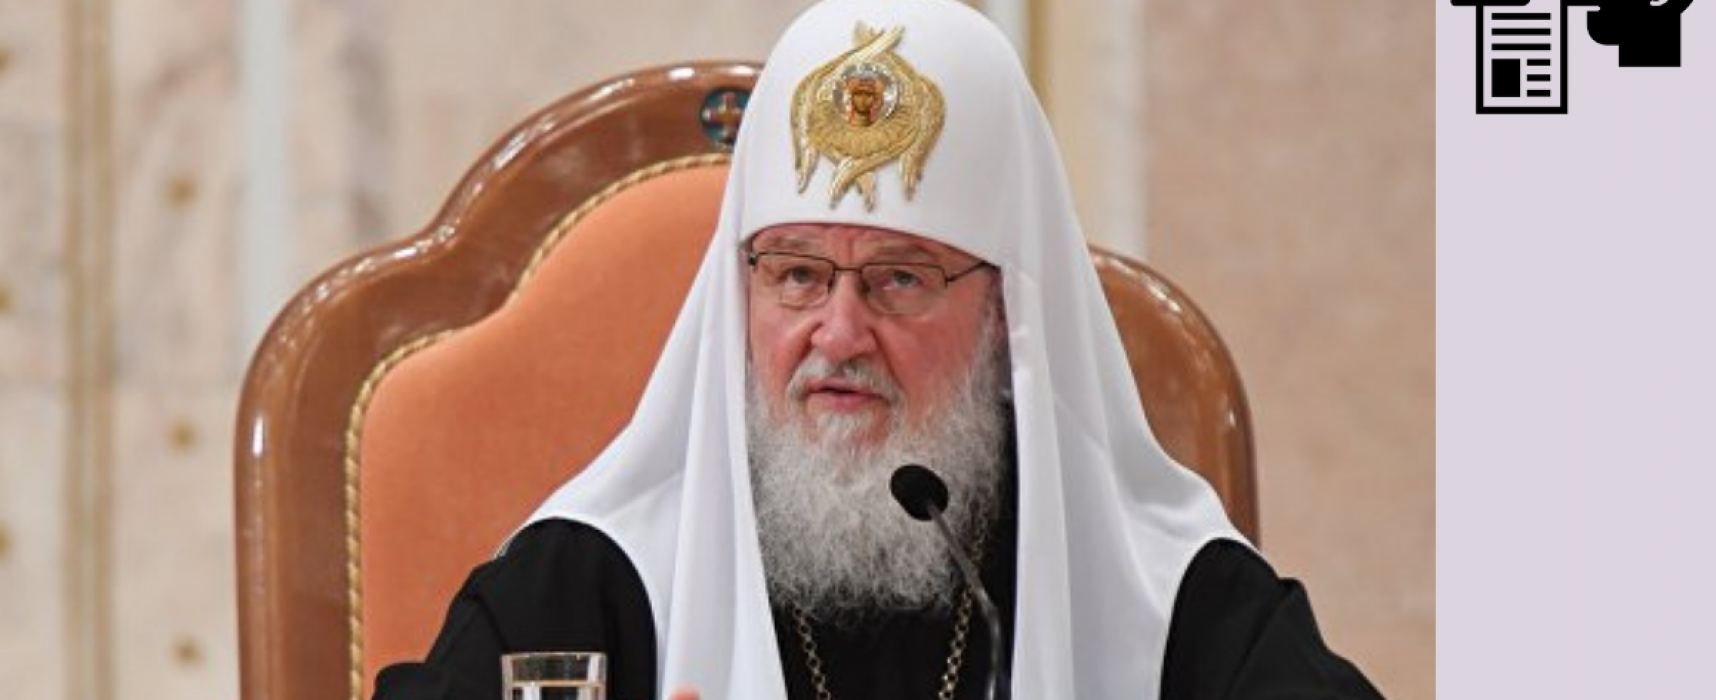 Фейк: Европарламент обвинил Порошенко в «церковном расколе» для победы на выборах